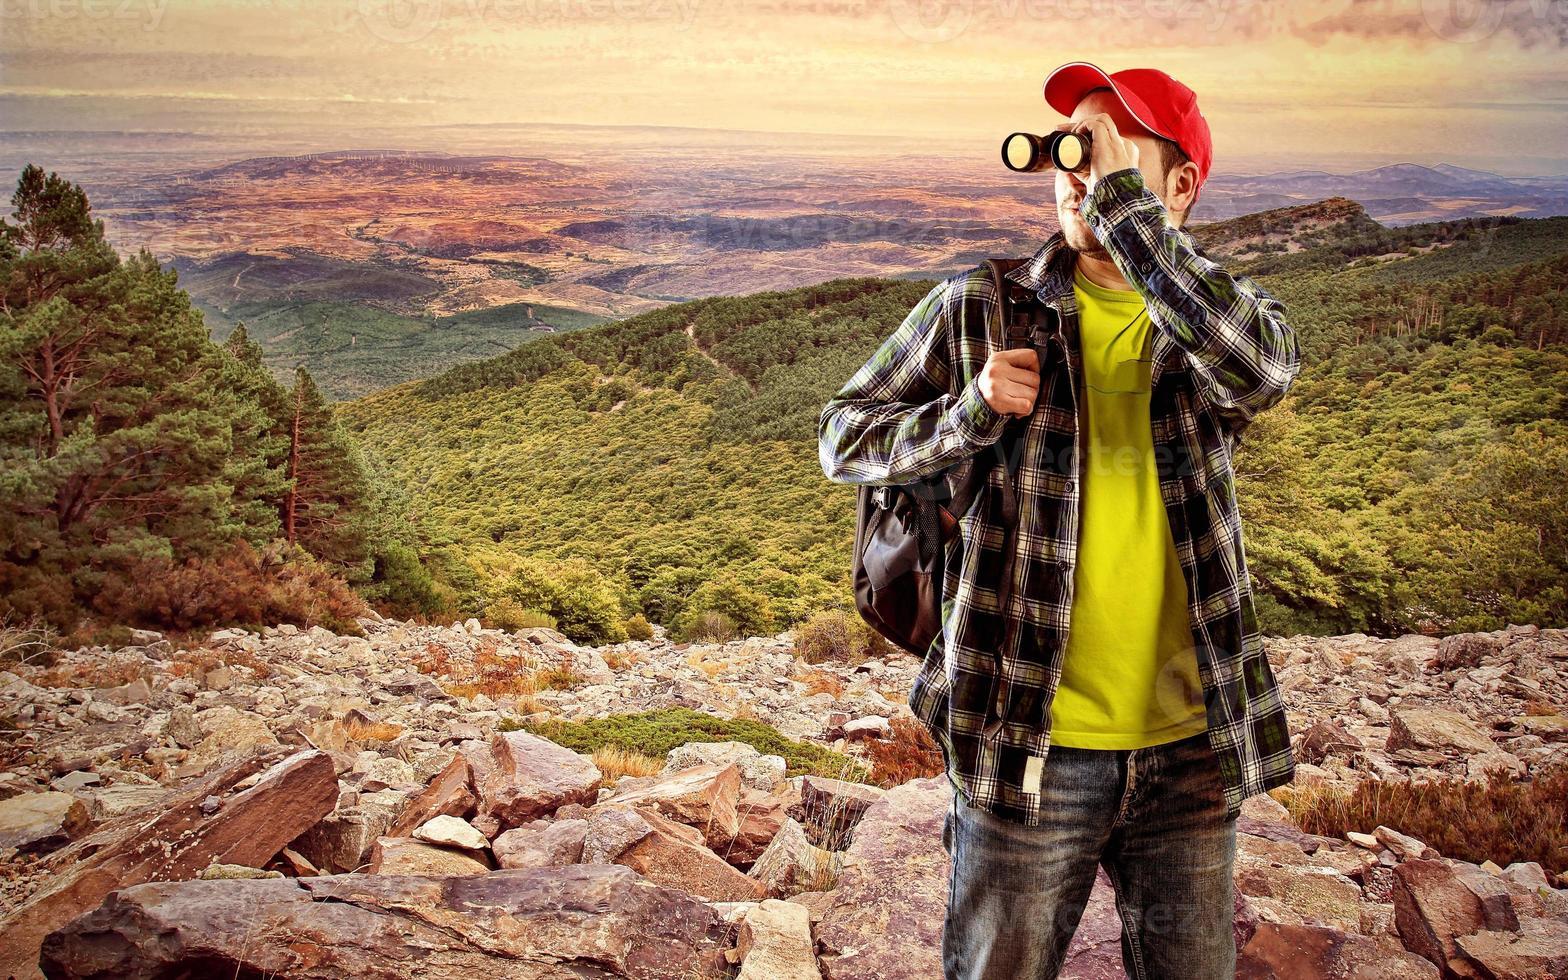 männlicher Reisender foto